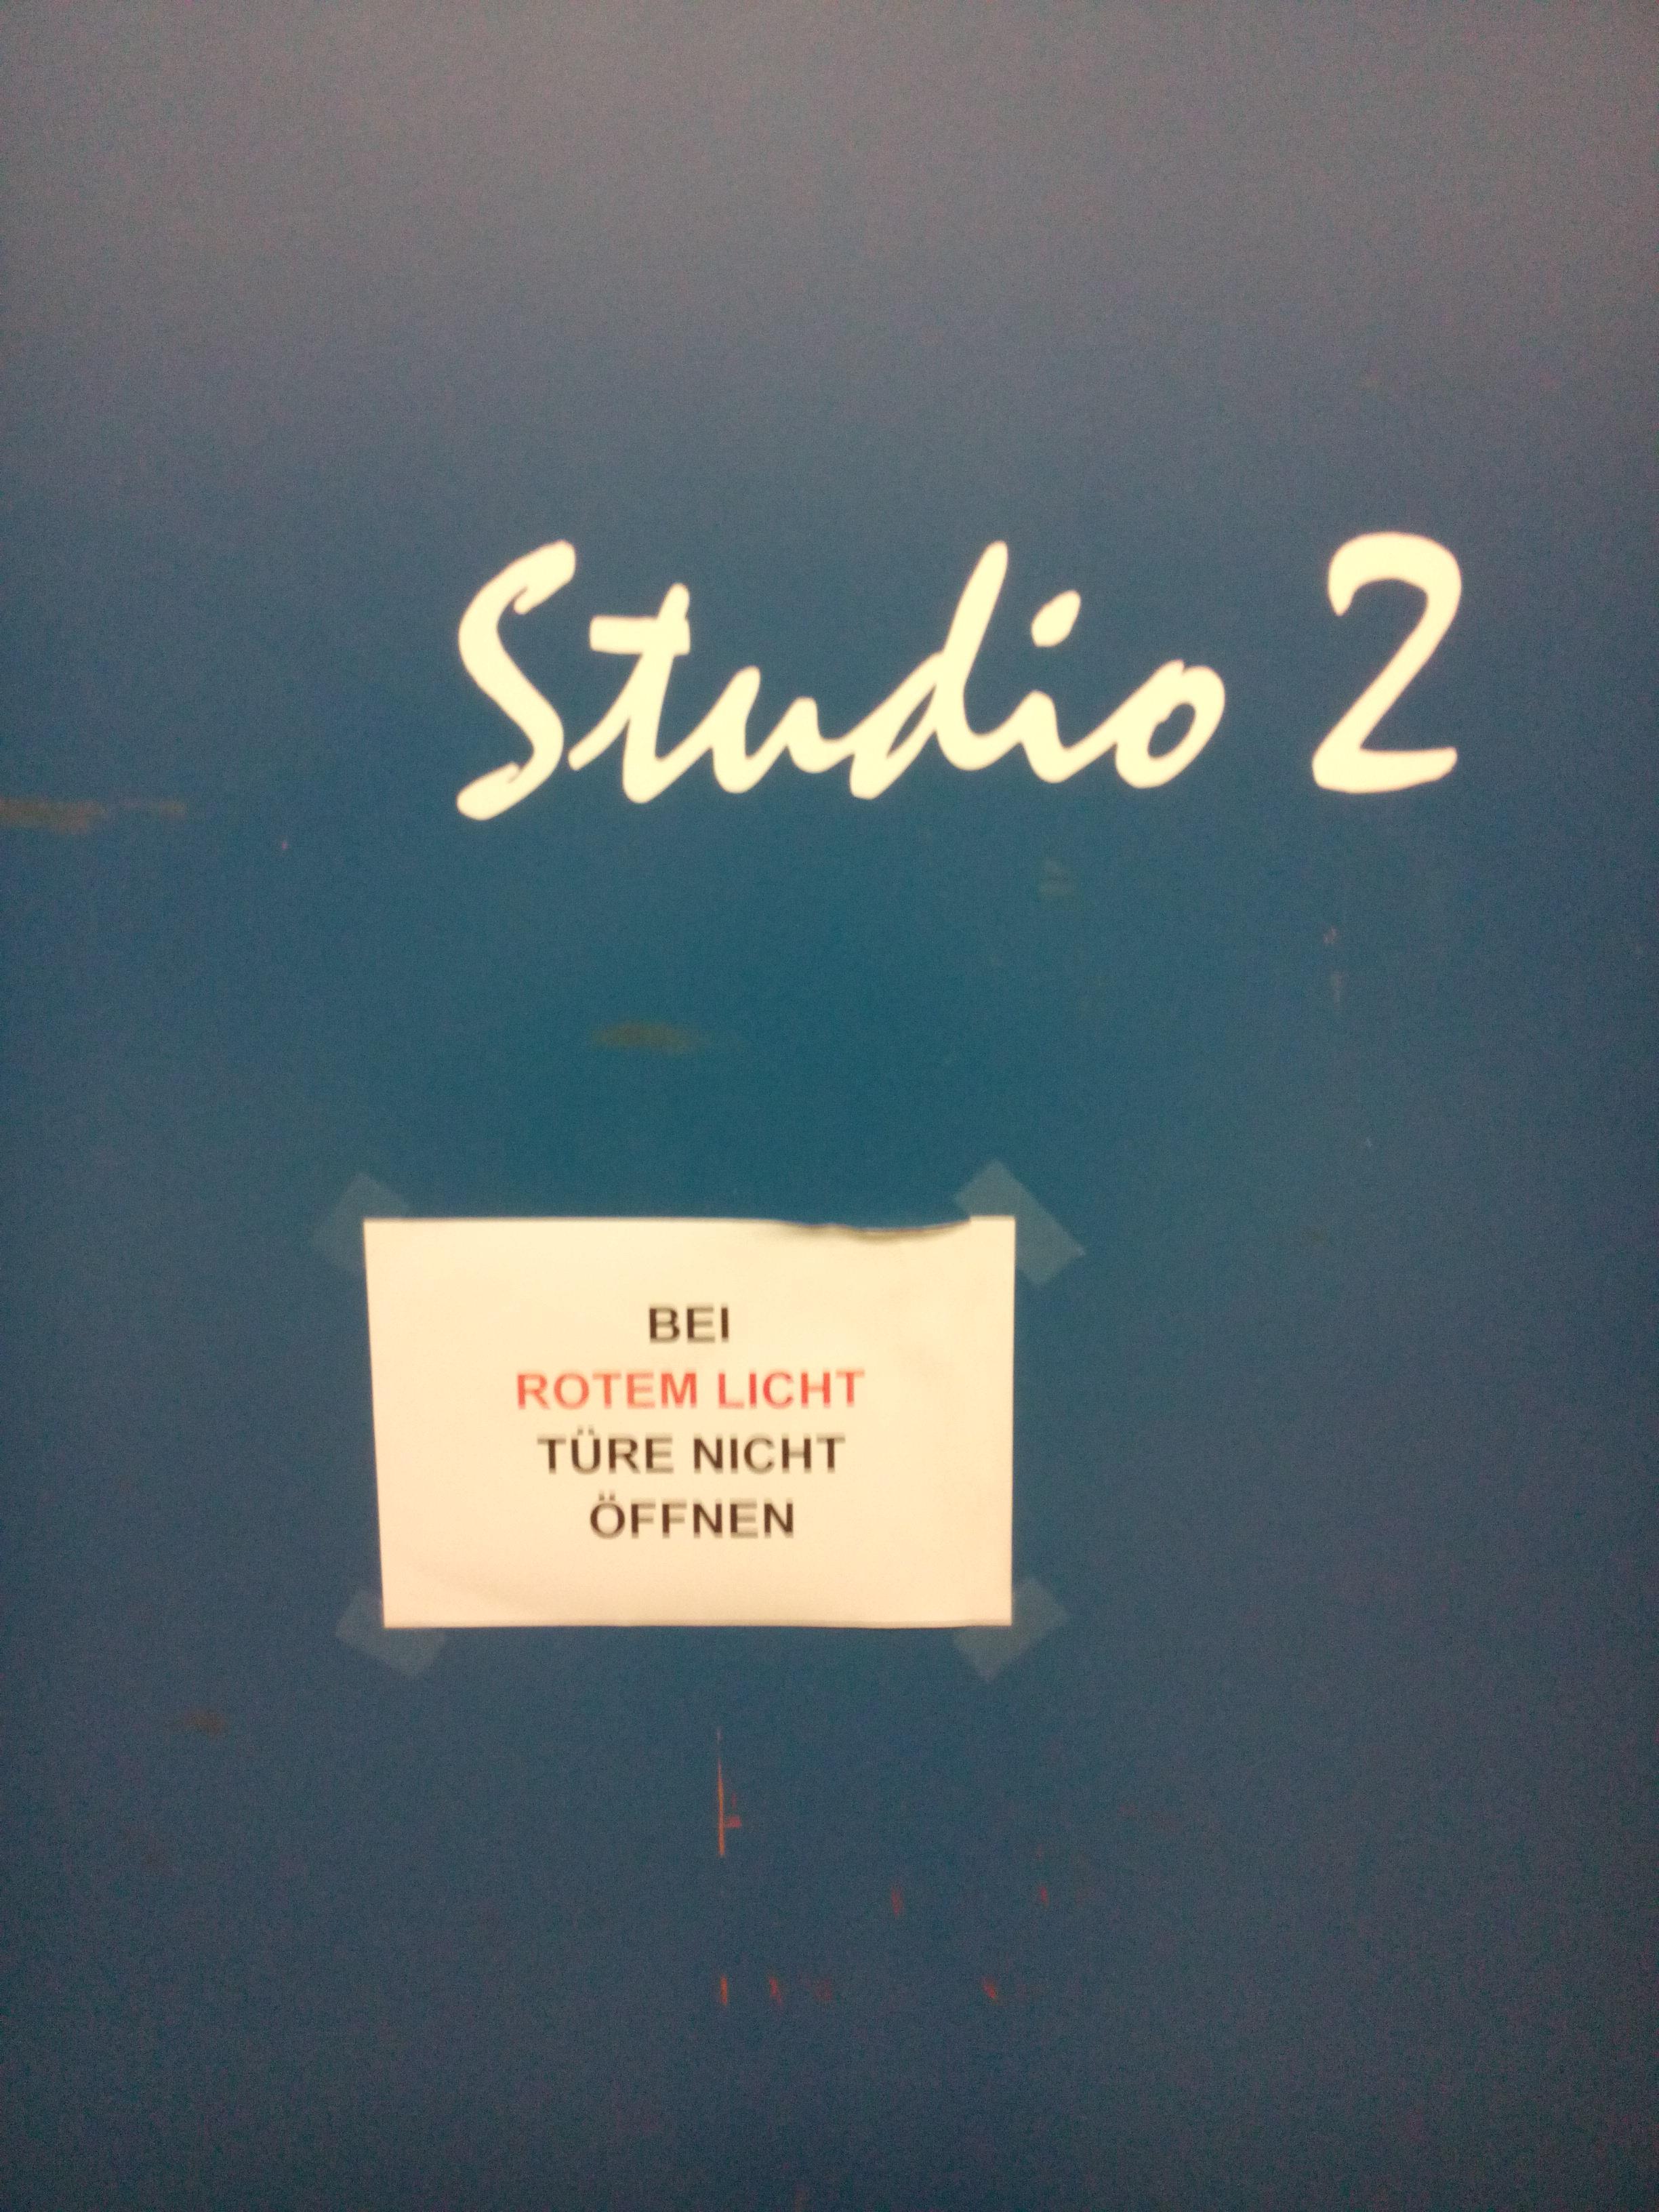 Studio 2, Radio Munot